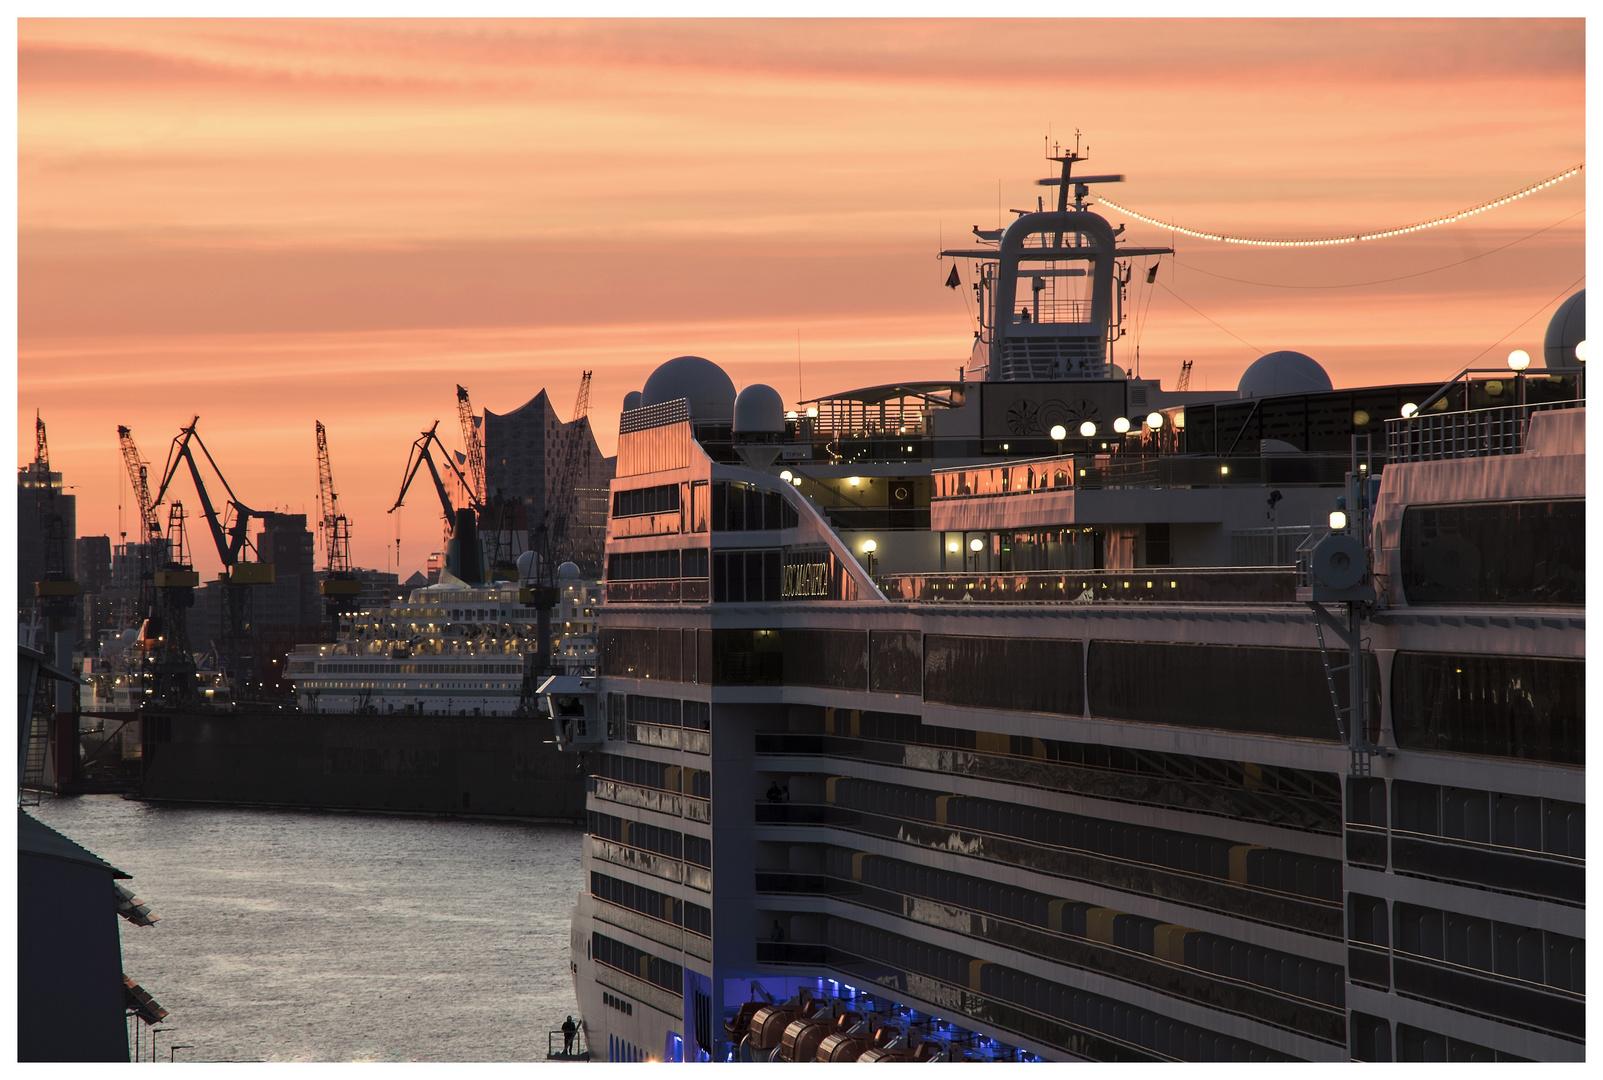 Morgenfarben und Schiff